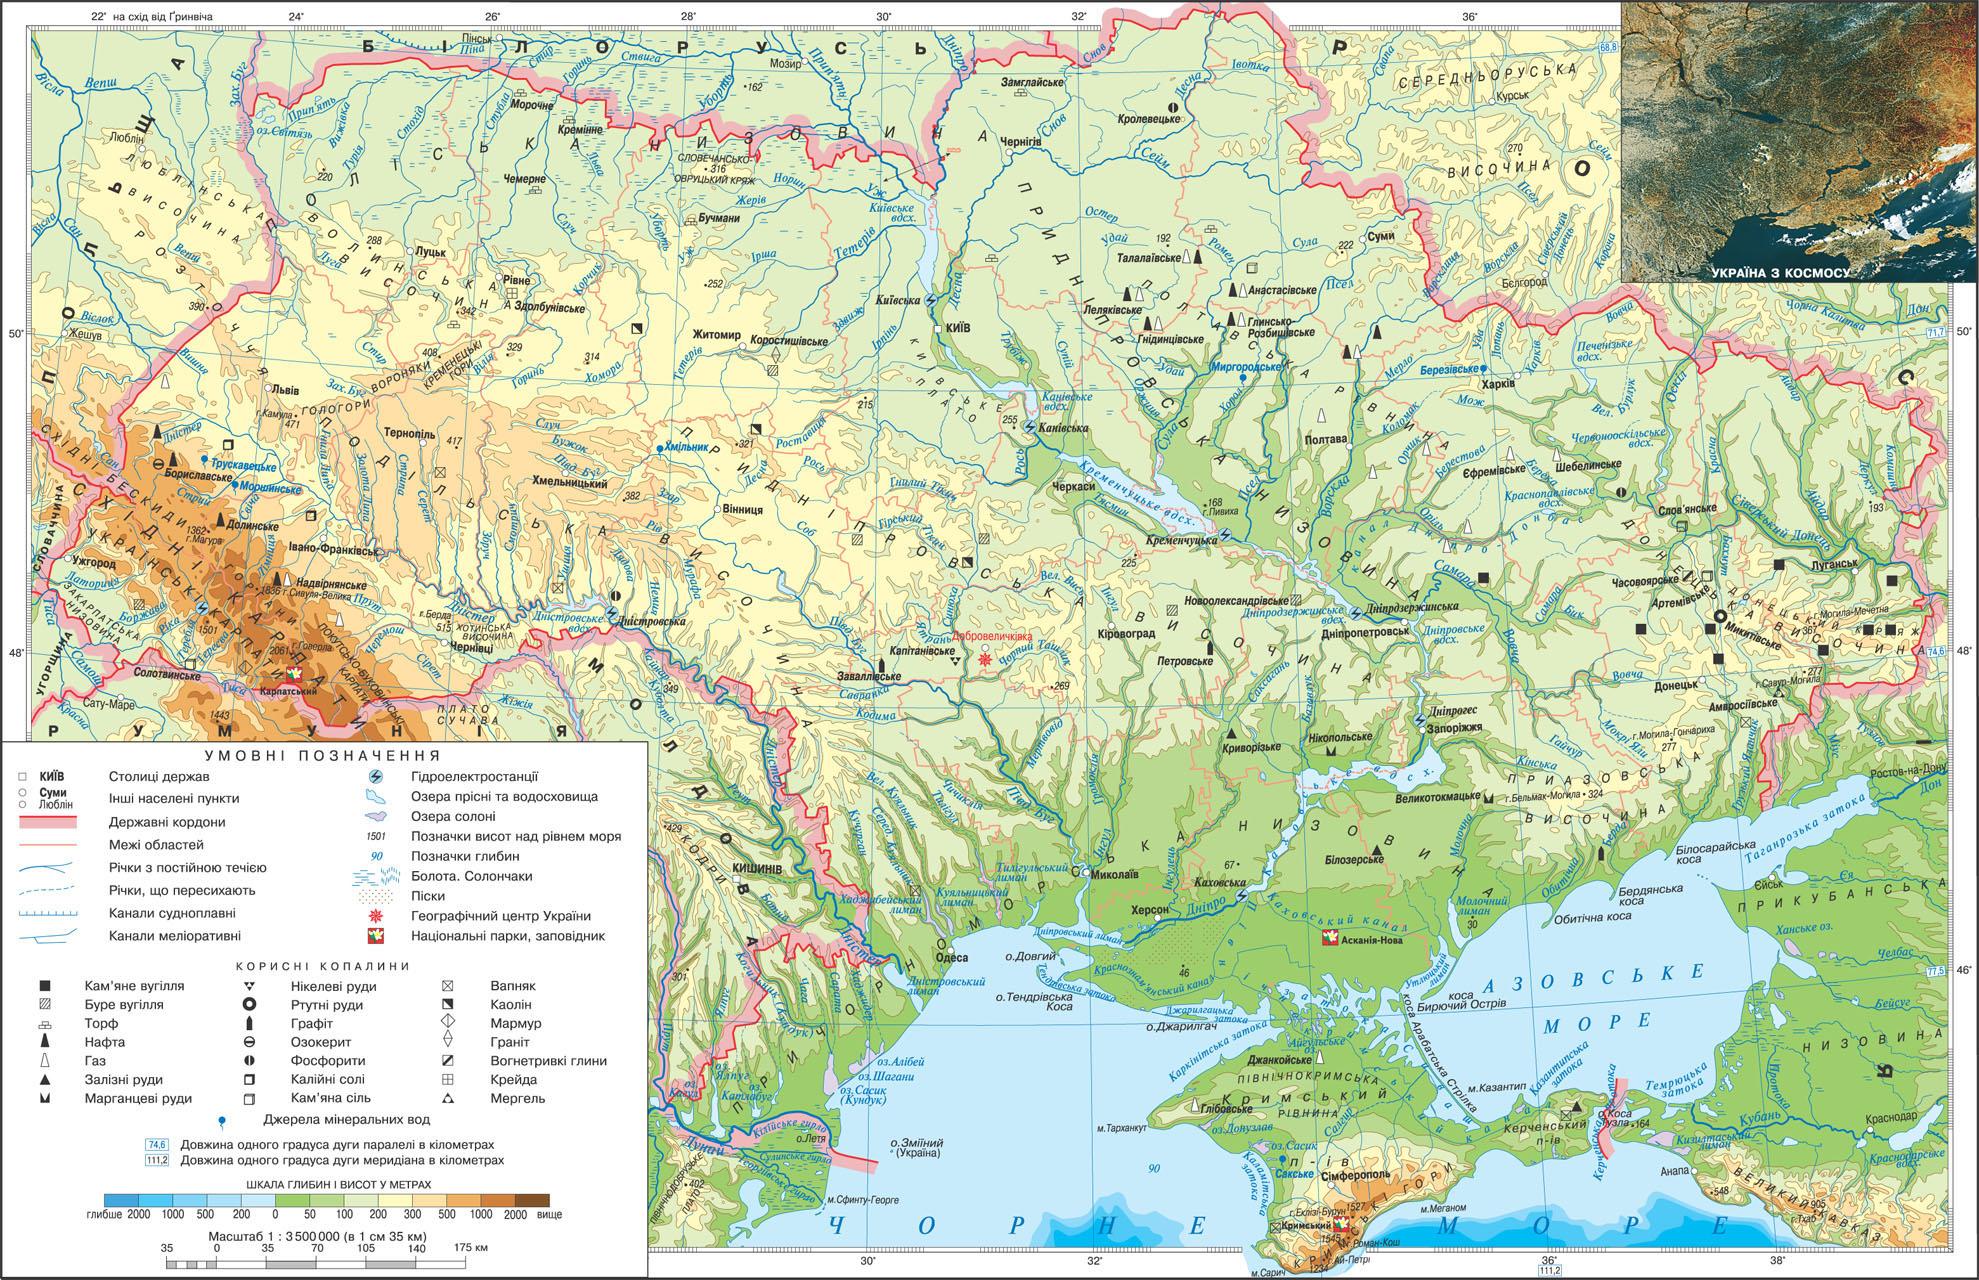 Физическая карта Украины с обозначениями